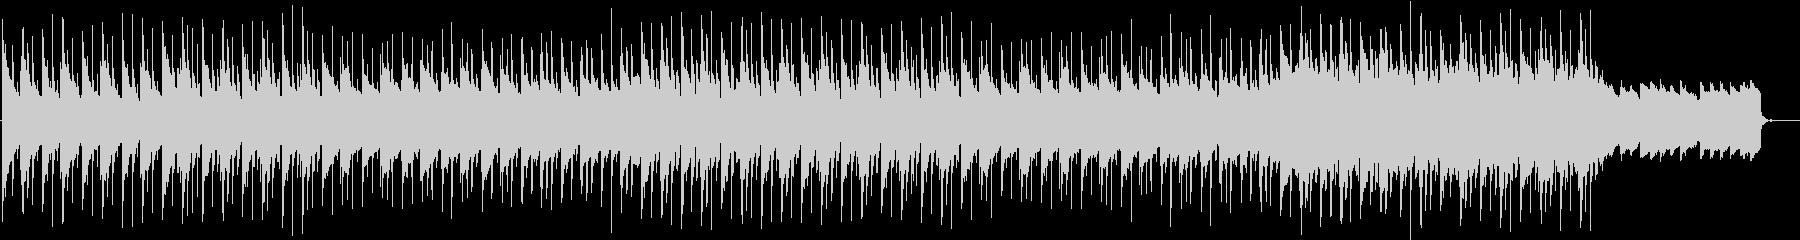 夜に溶けるチルアウトBGMの未再生の波形